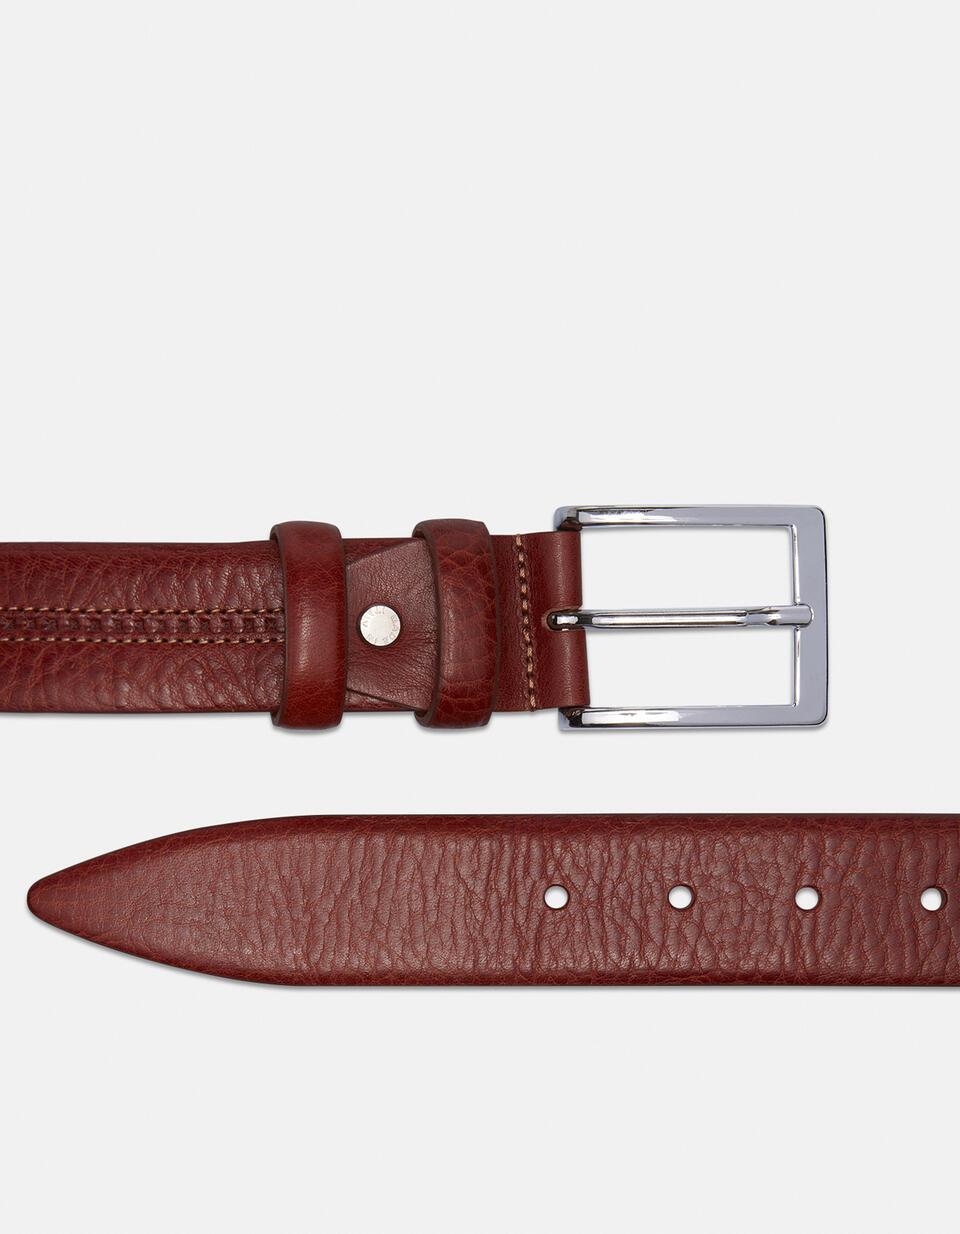 Cintura Classica in cuoio doppia cucitura centrale a contrasto  Cuoieria Fiorentina